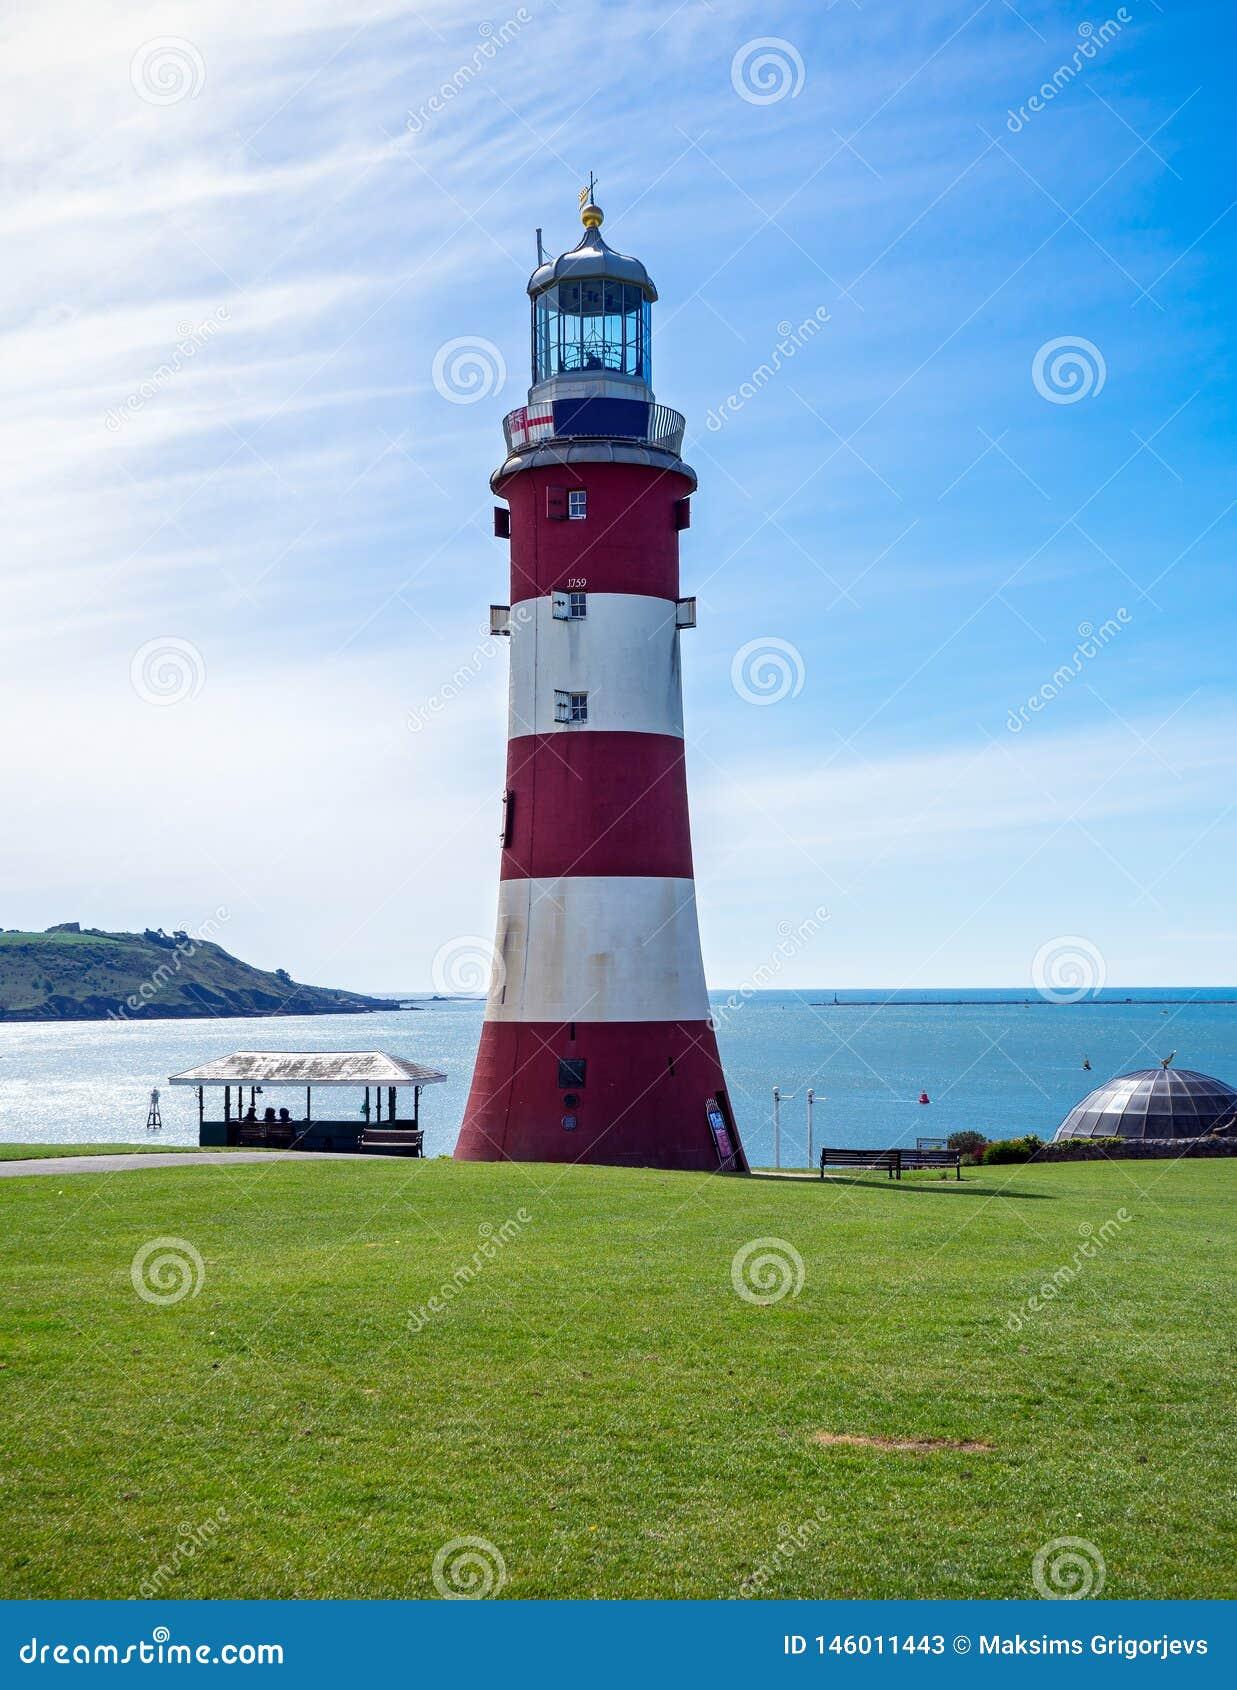 在普利茅斯,英国,2018年5月3日的Smeaton的塔,红色和白色灯塔